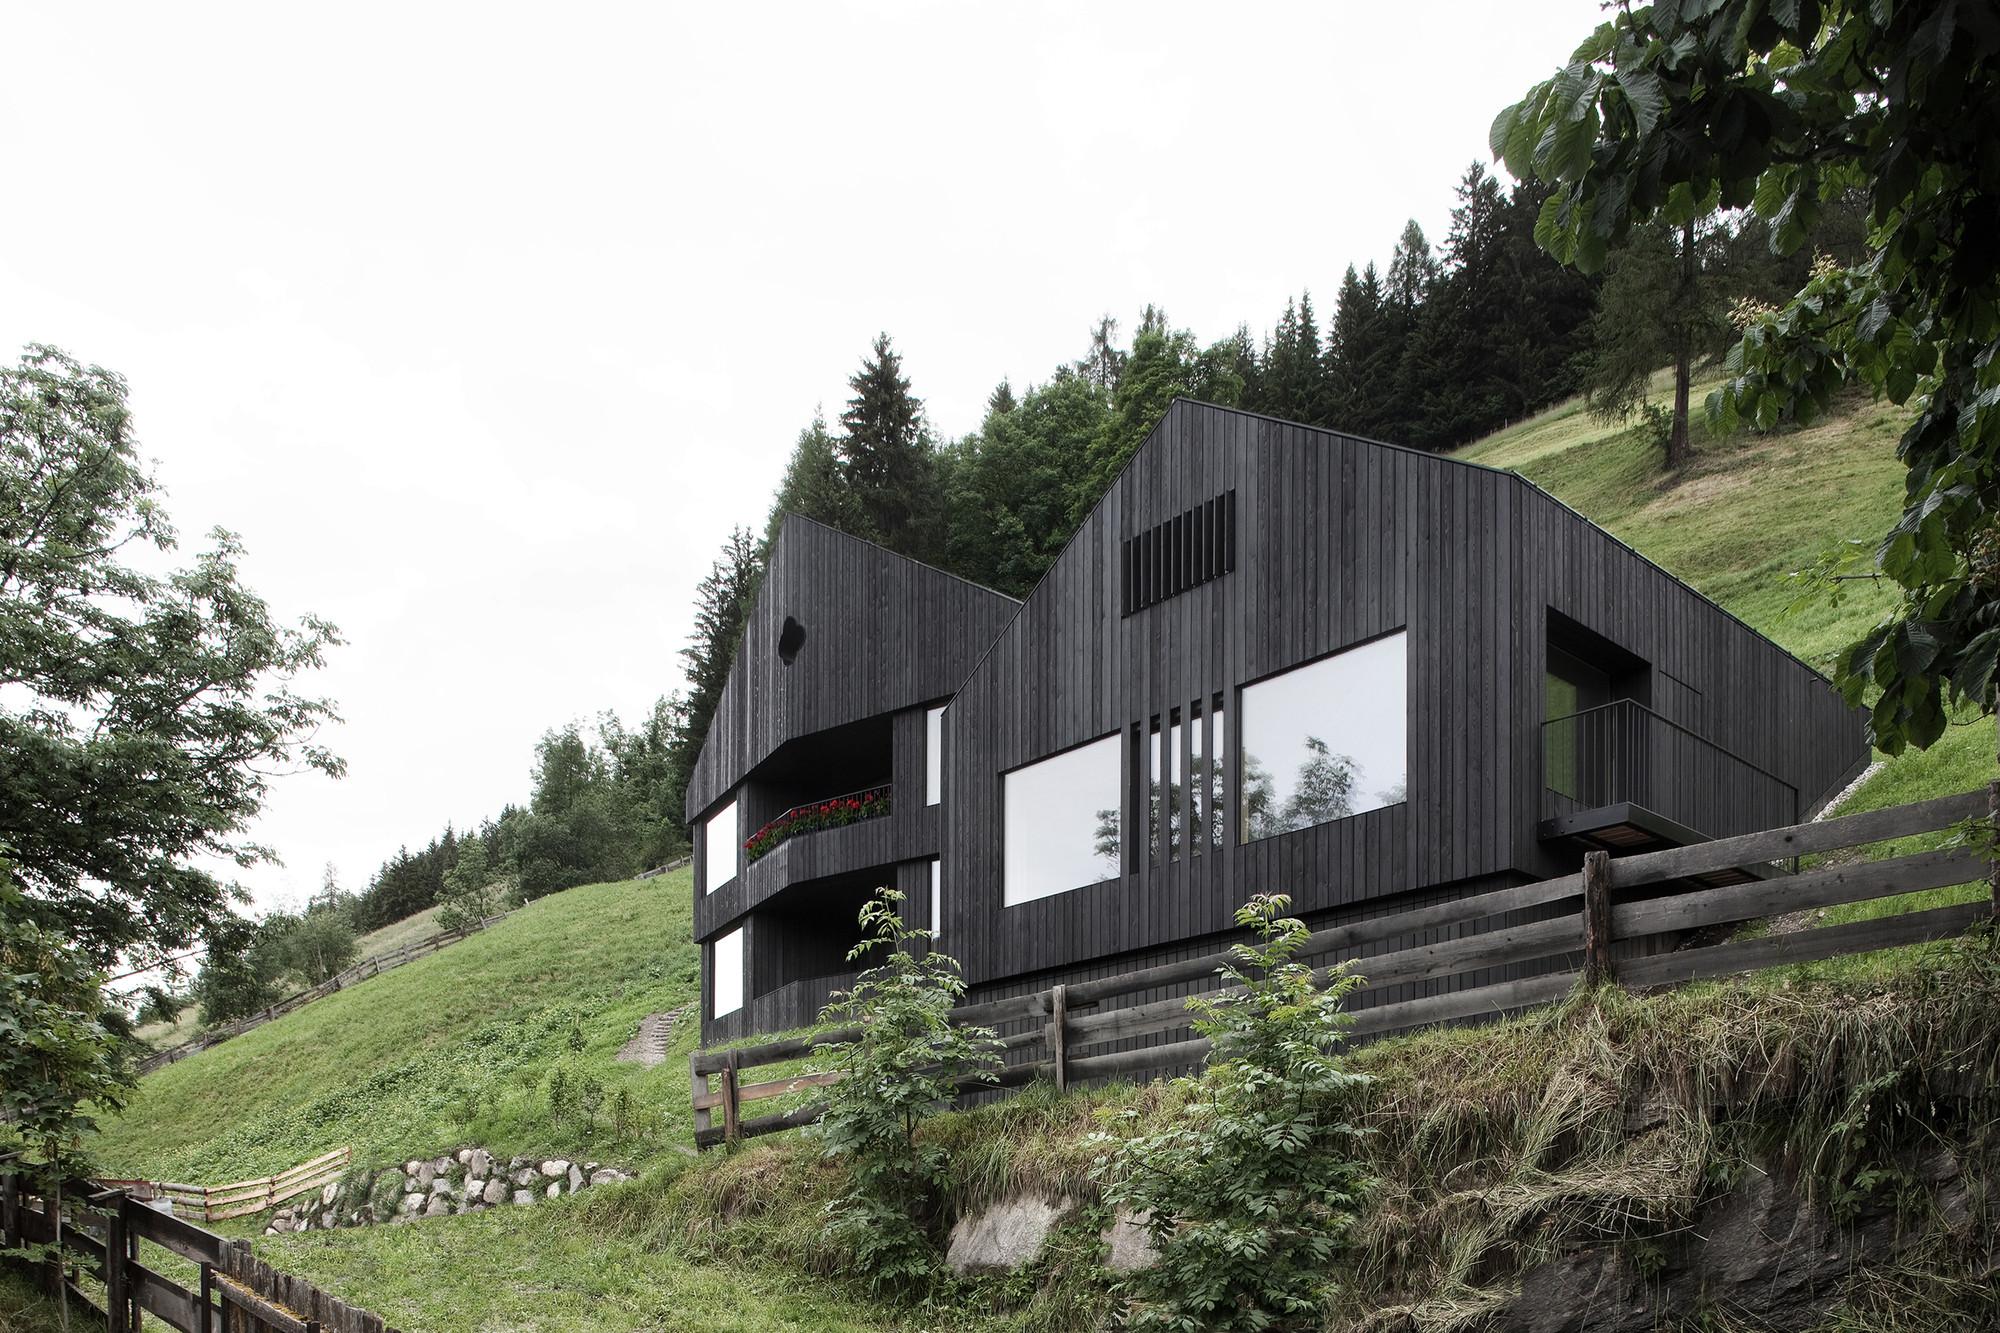 Alpine Cabins / pedevilla architekten, © Gustav Willeit